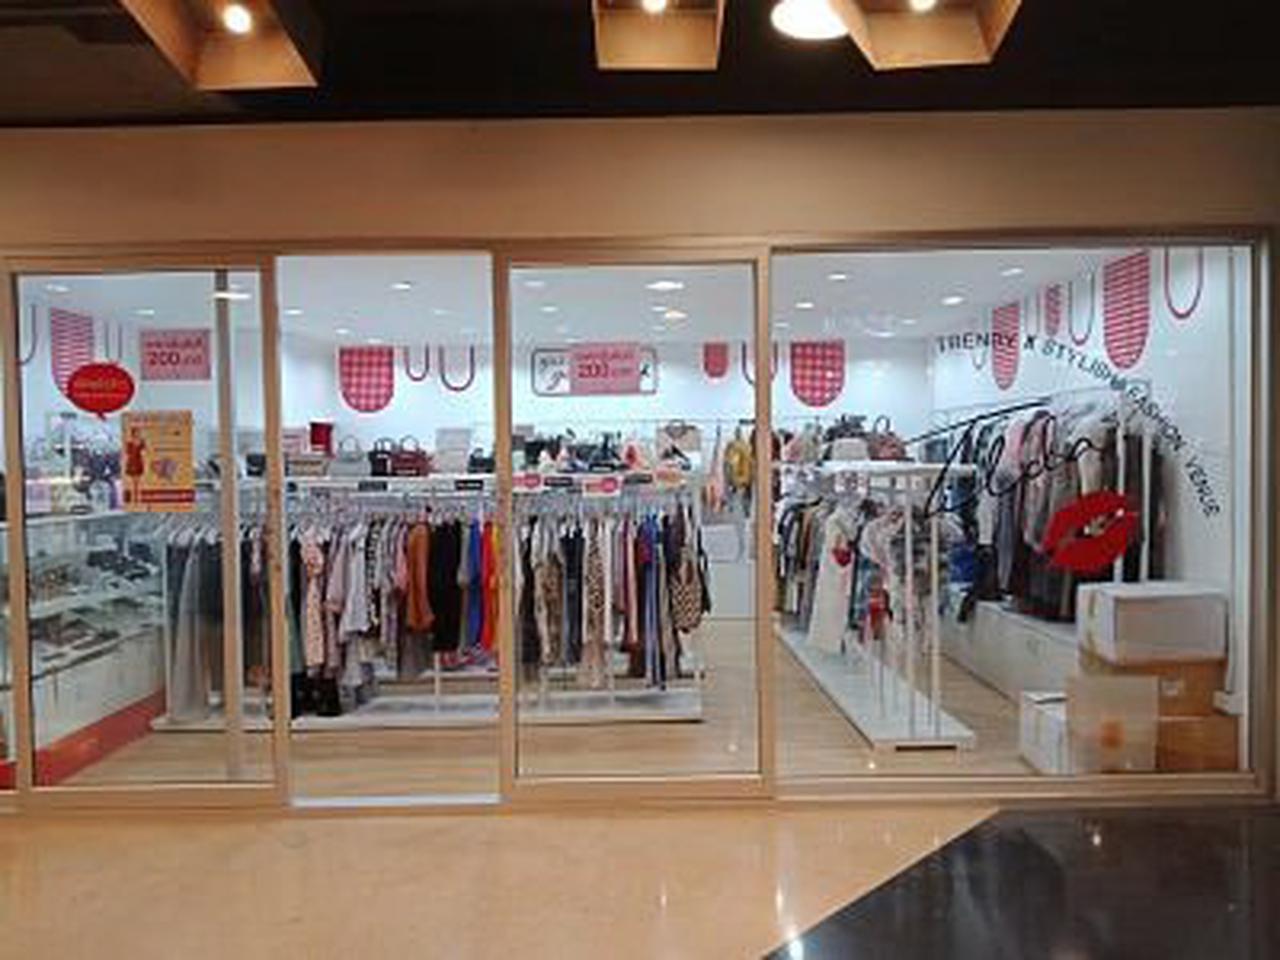 ขายธุรกิจร้านเสื้อผ้าแฟชั่น หรูหราใหม่เอี่ยม 2ร้าน รูปที่ 2